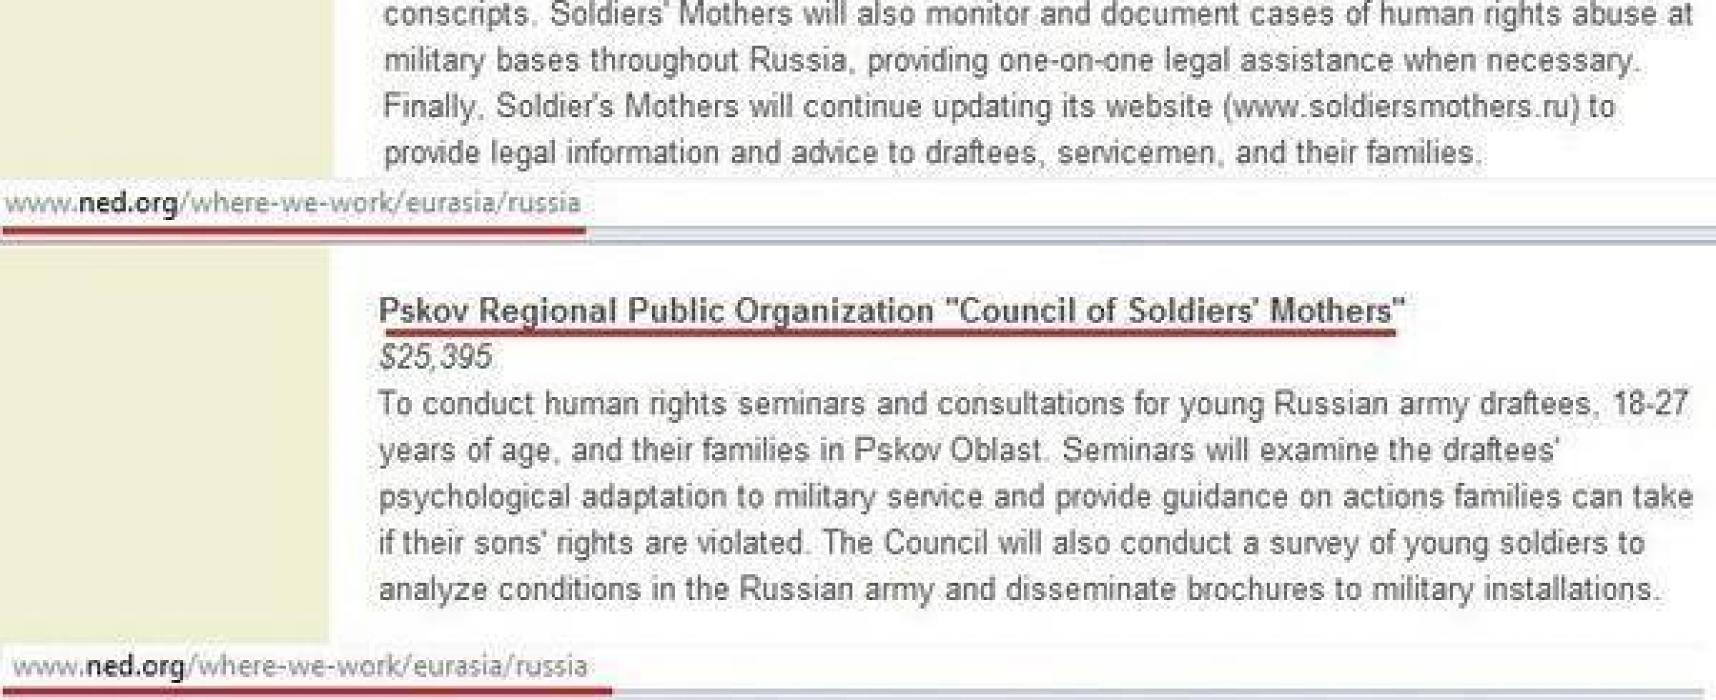 Фейк: Солдатские матери России попались на американских грантах